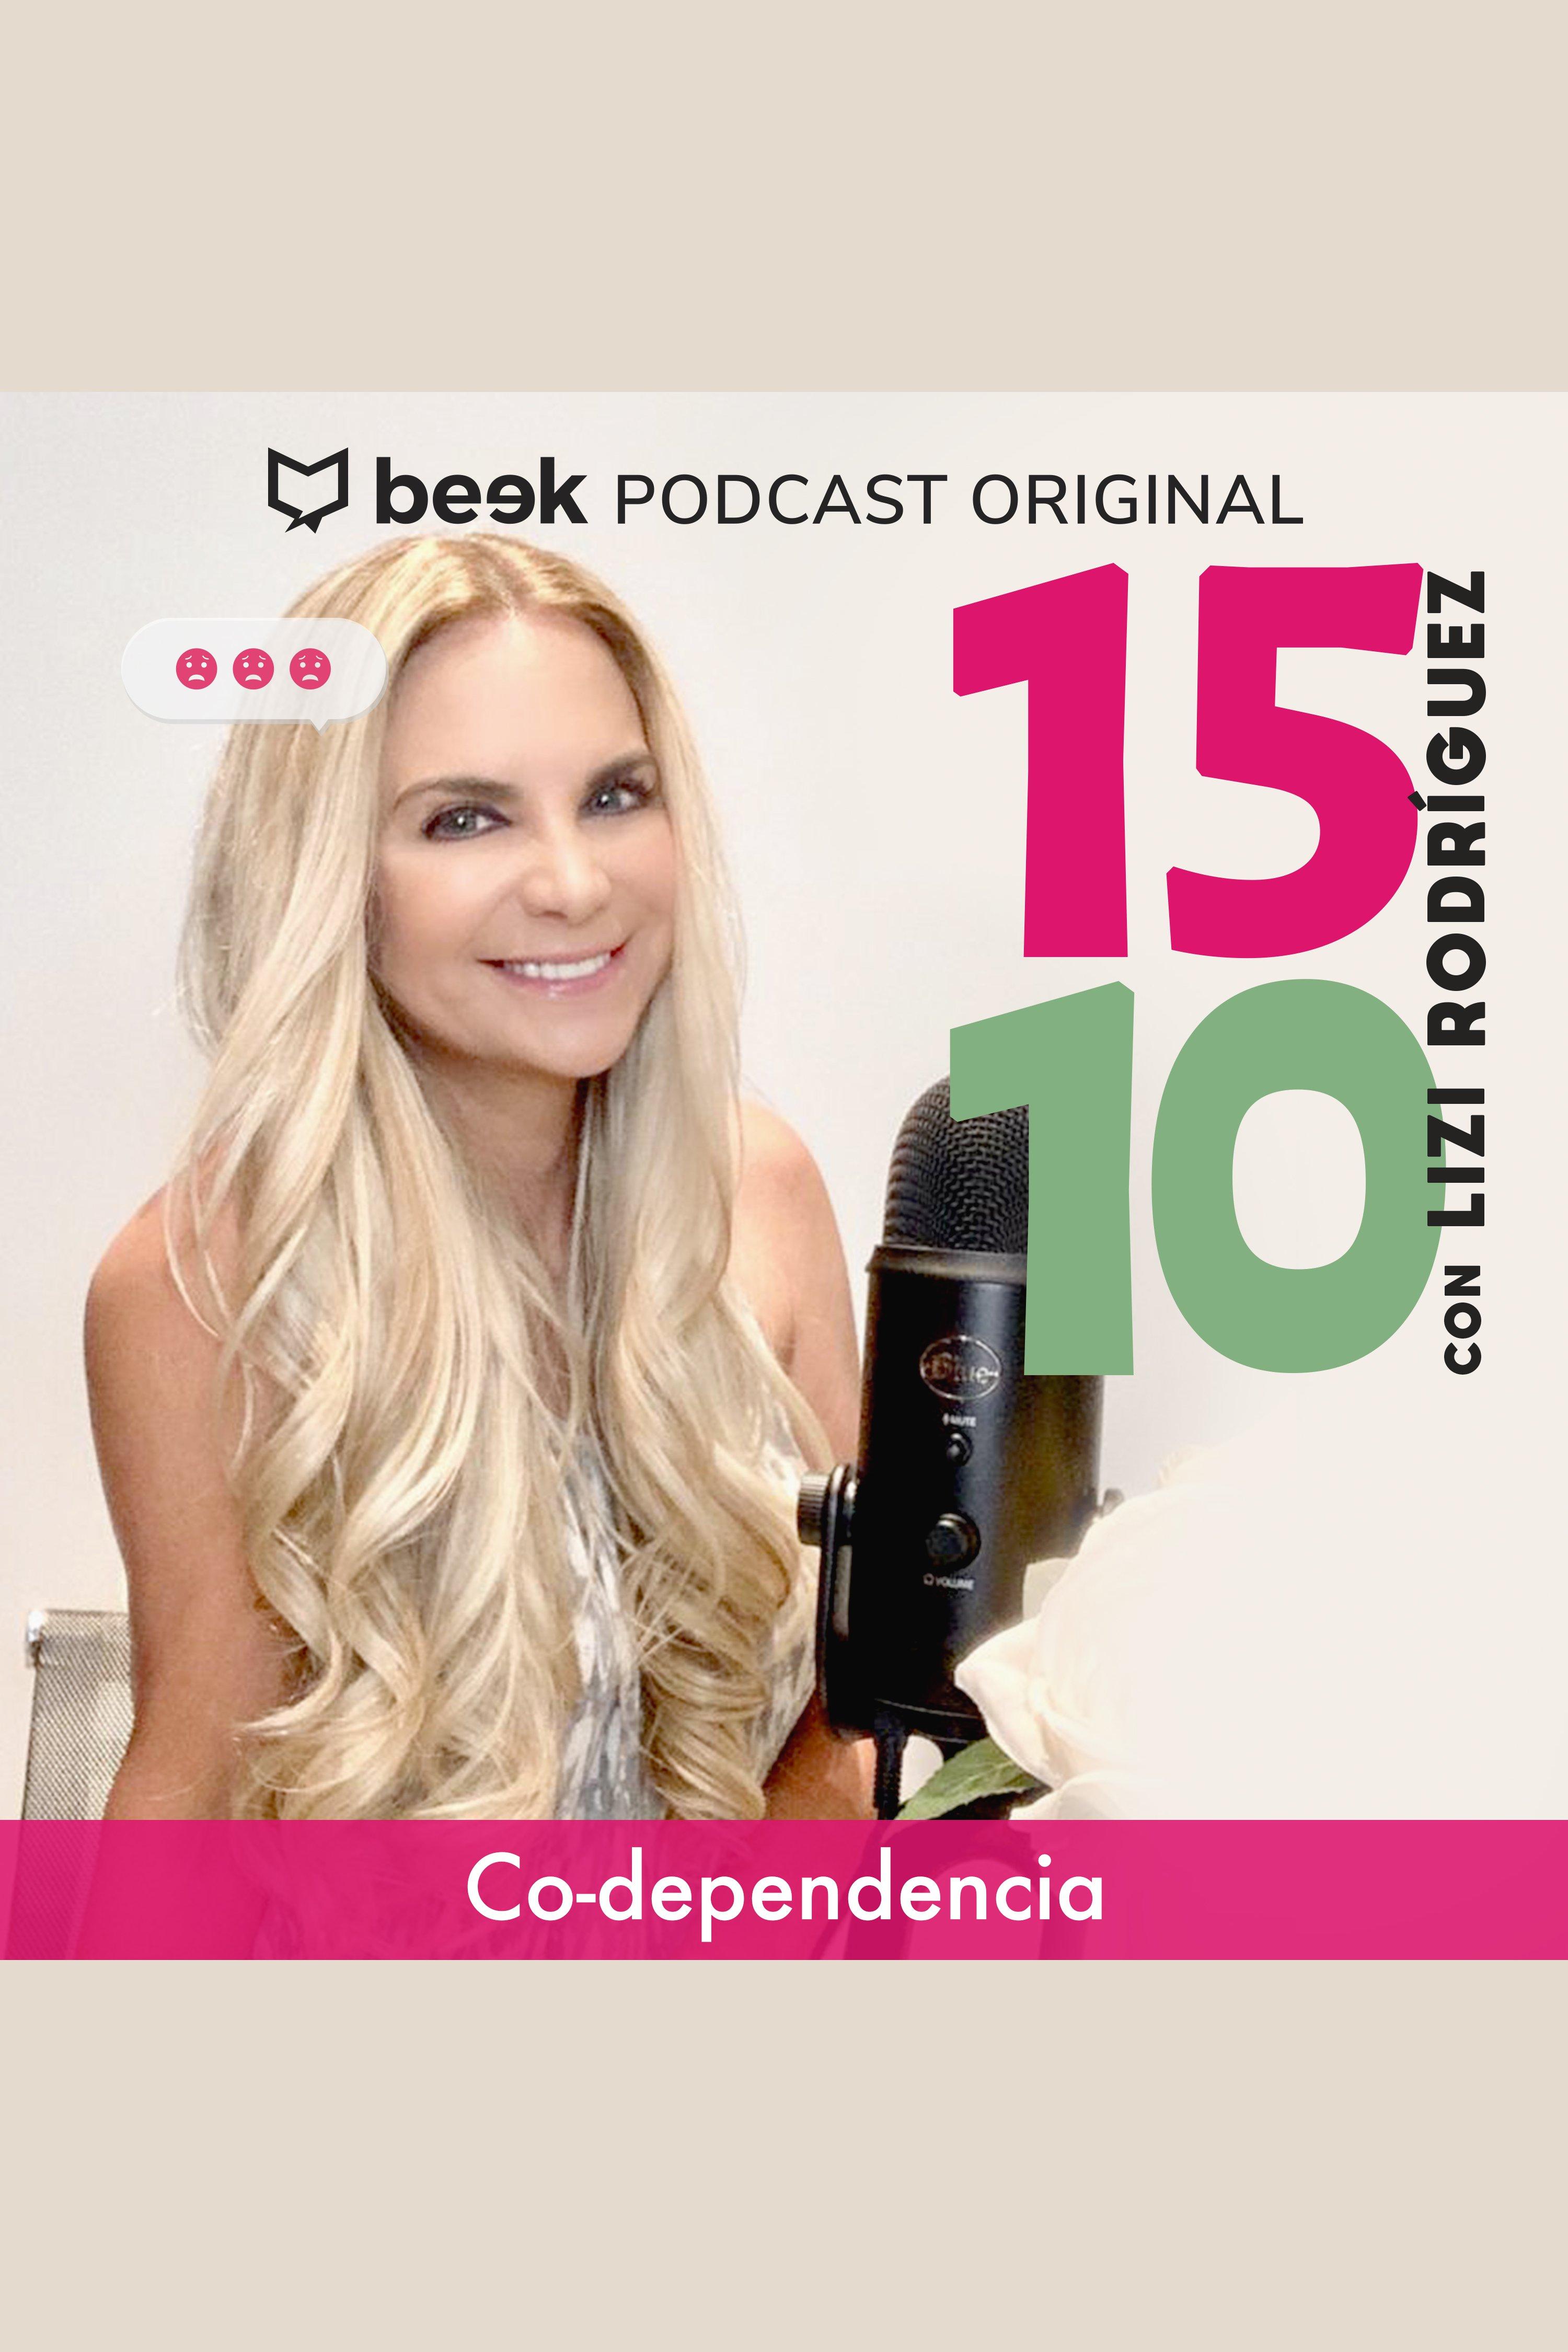 Esta es la portada del audiolibro 15-10 con Lizi Rodríguez: Co-dependencia